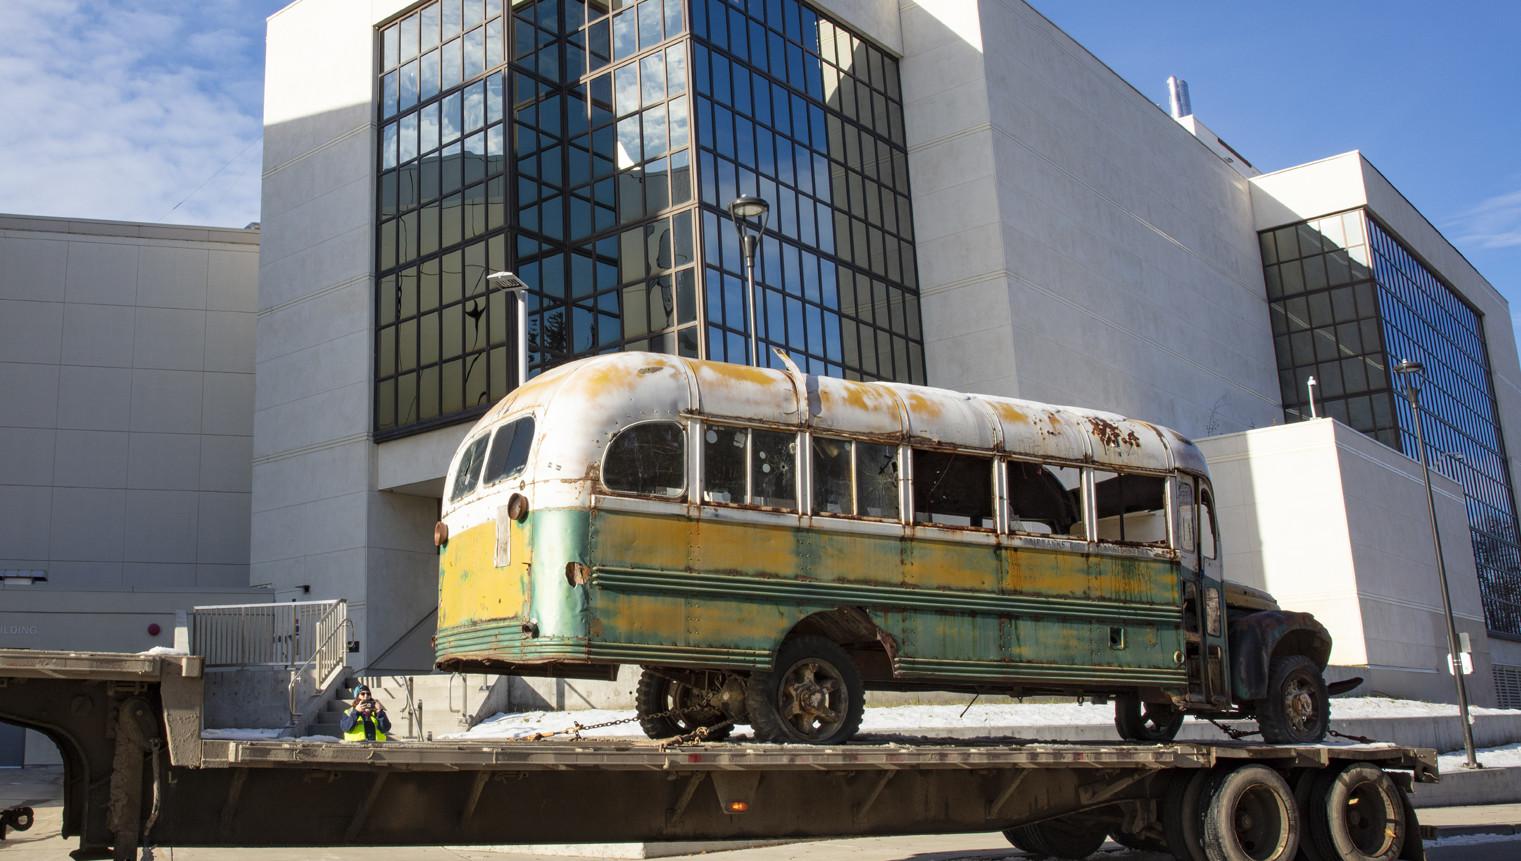 Bus 142 arrives for conservation work